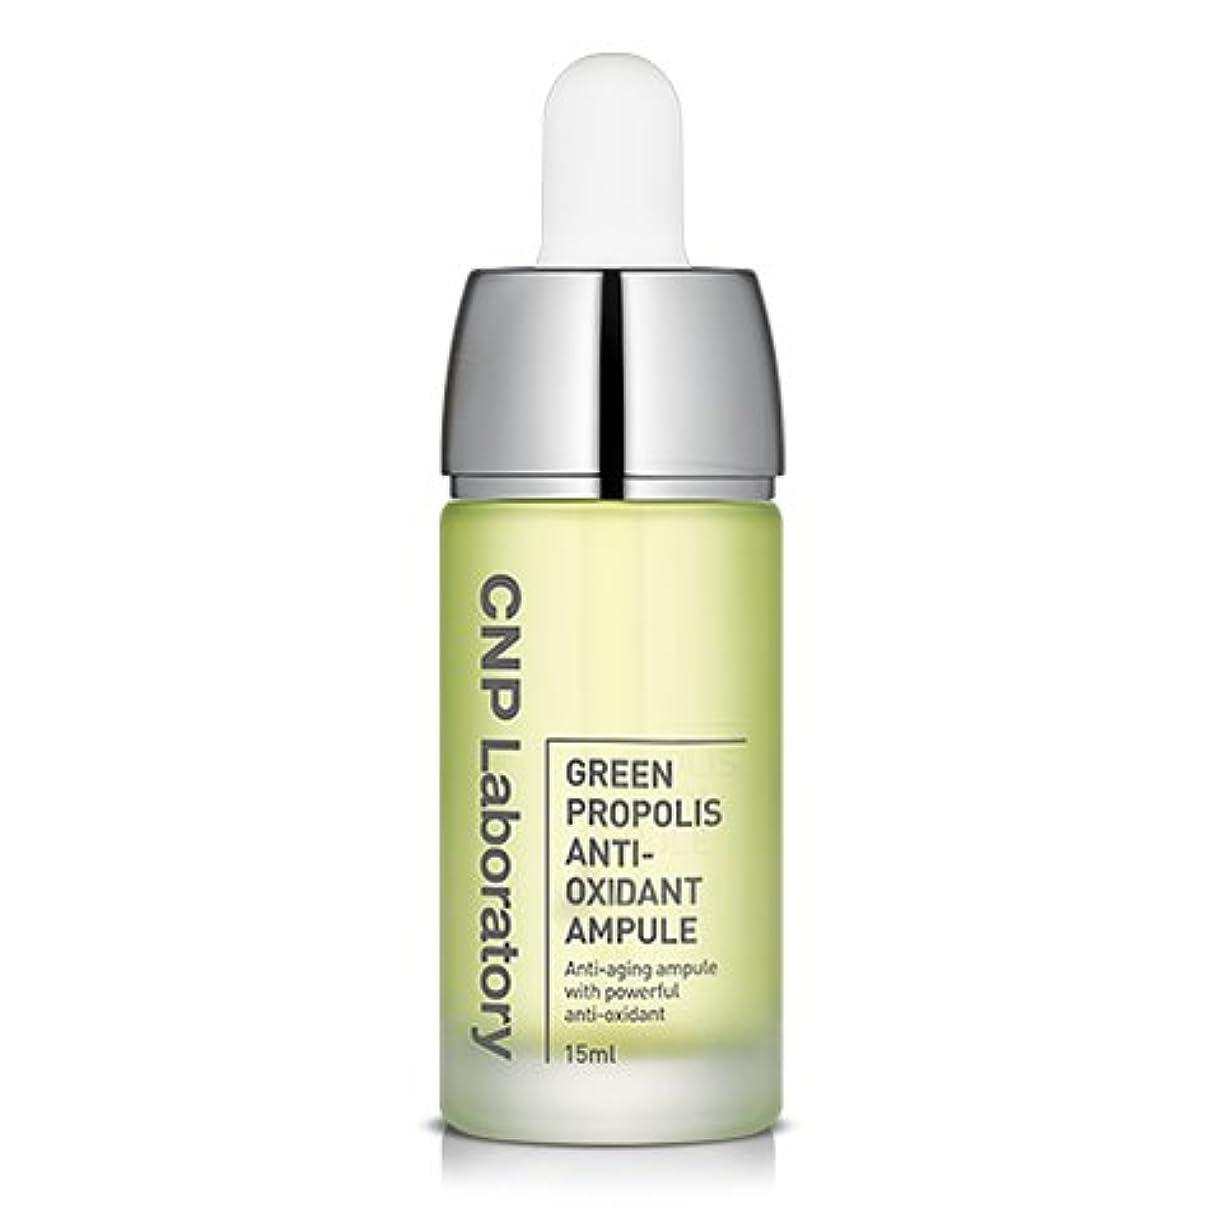 湿気の多い接続詞侮辱CNP Laboratory グリーンプロポリス酸化防止剤アンプル/Green Propolis Anti-Oxidant Ampule 15ml [並行輸入品]